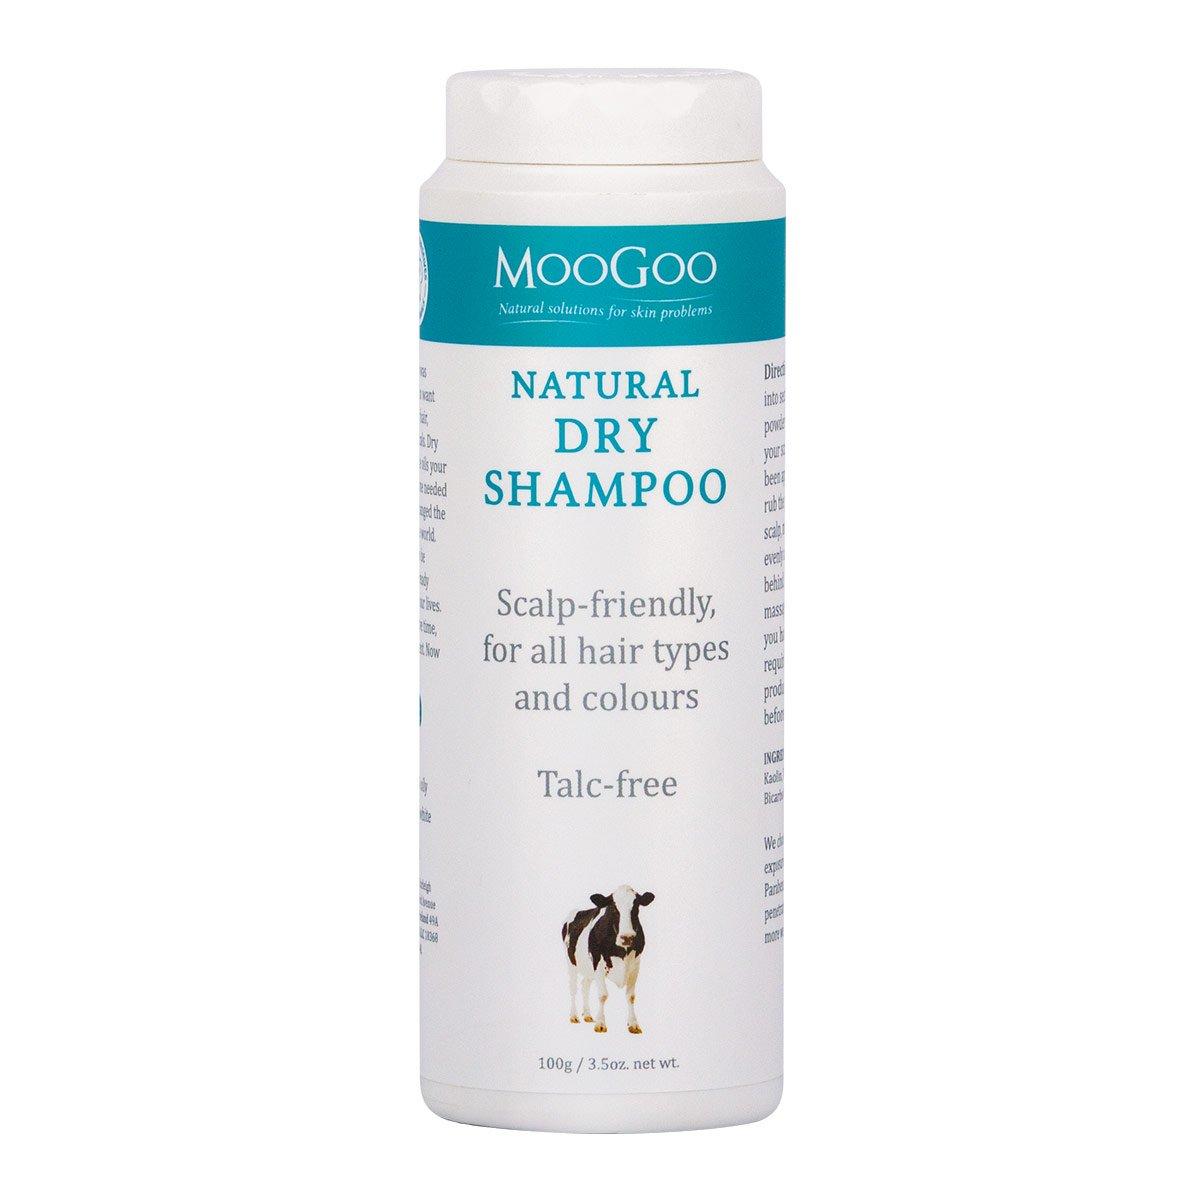 Thumbnail for MooGoo Natural Dry Shampoo 100g Powder